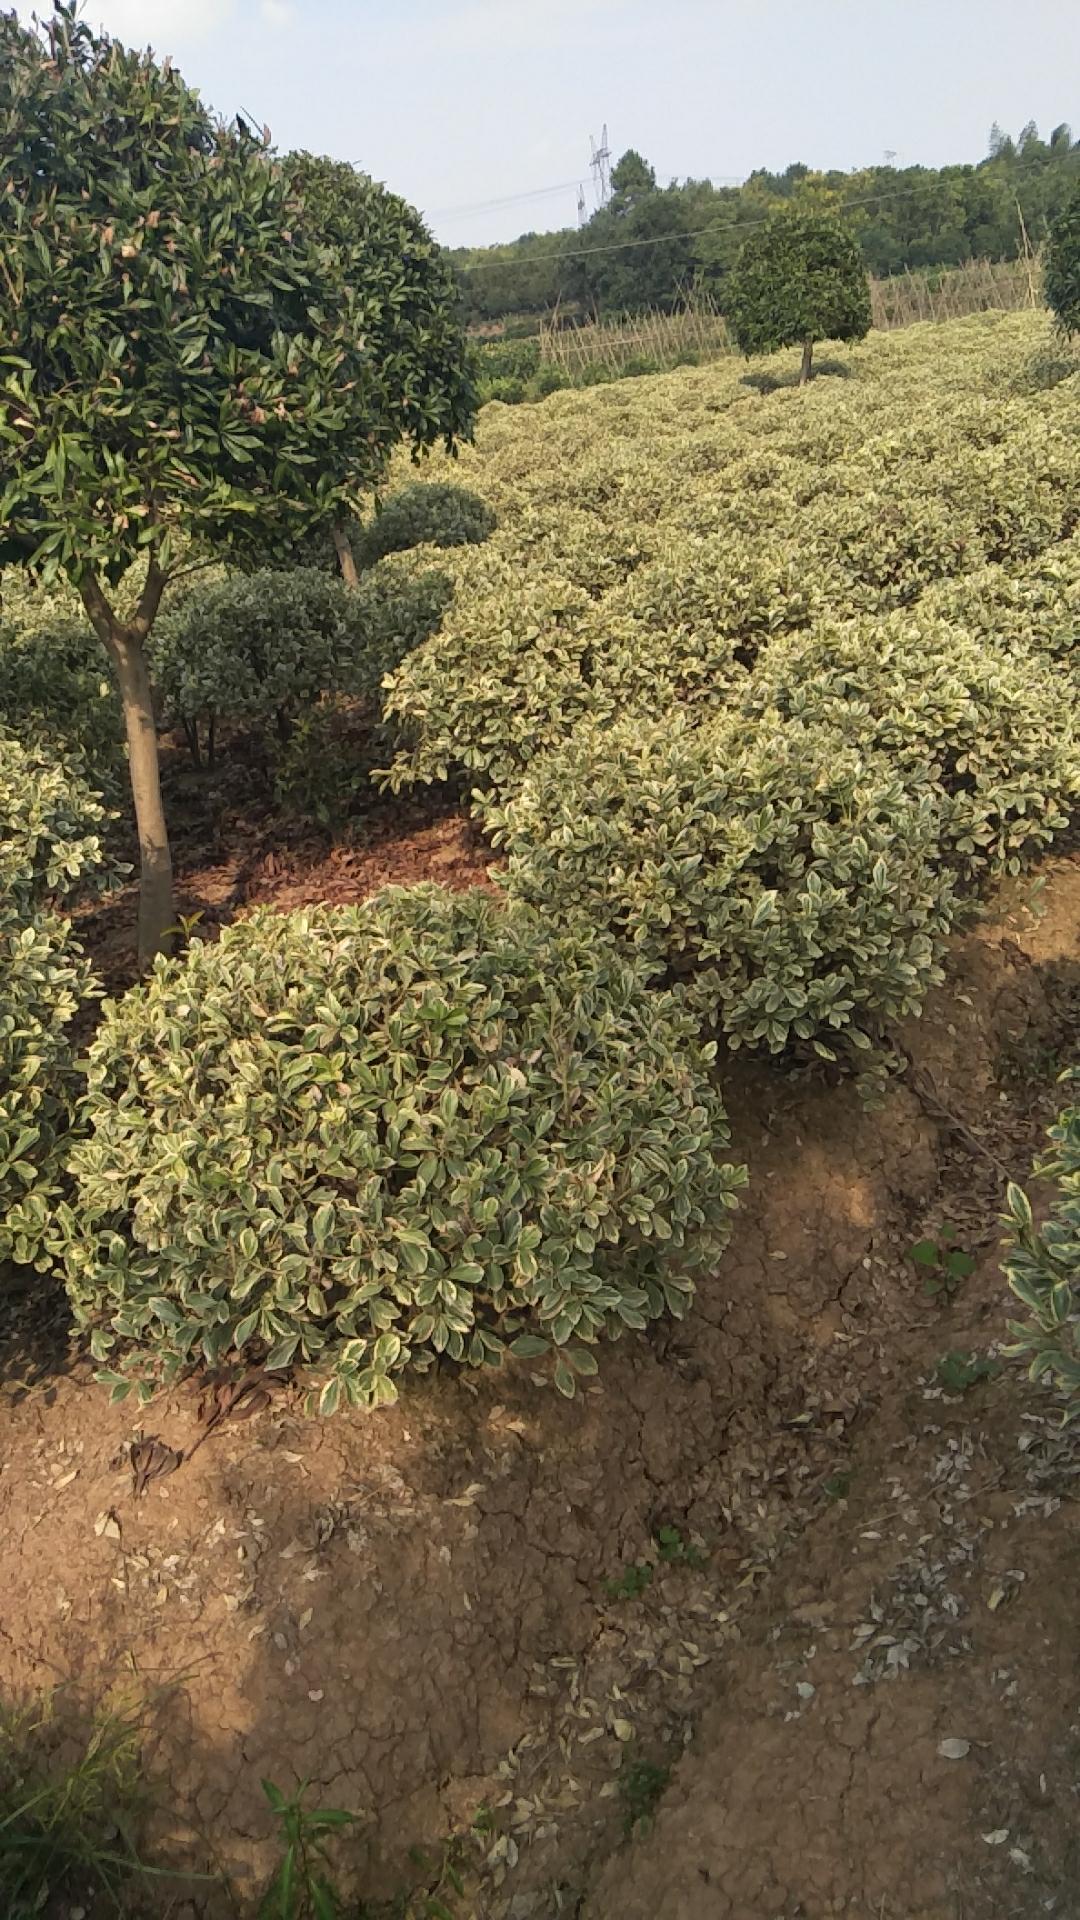 湖南大叶黄杨种植基地 大叶黄杨哪里的有卖 大叶黄杨球子批发 大叶黄杨